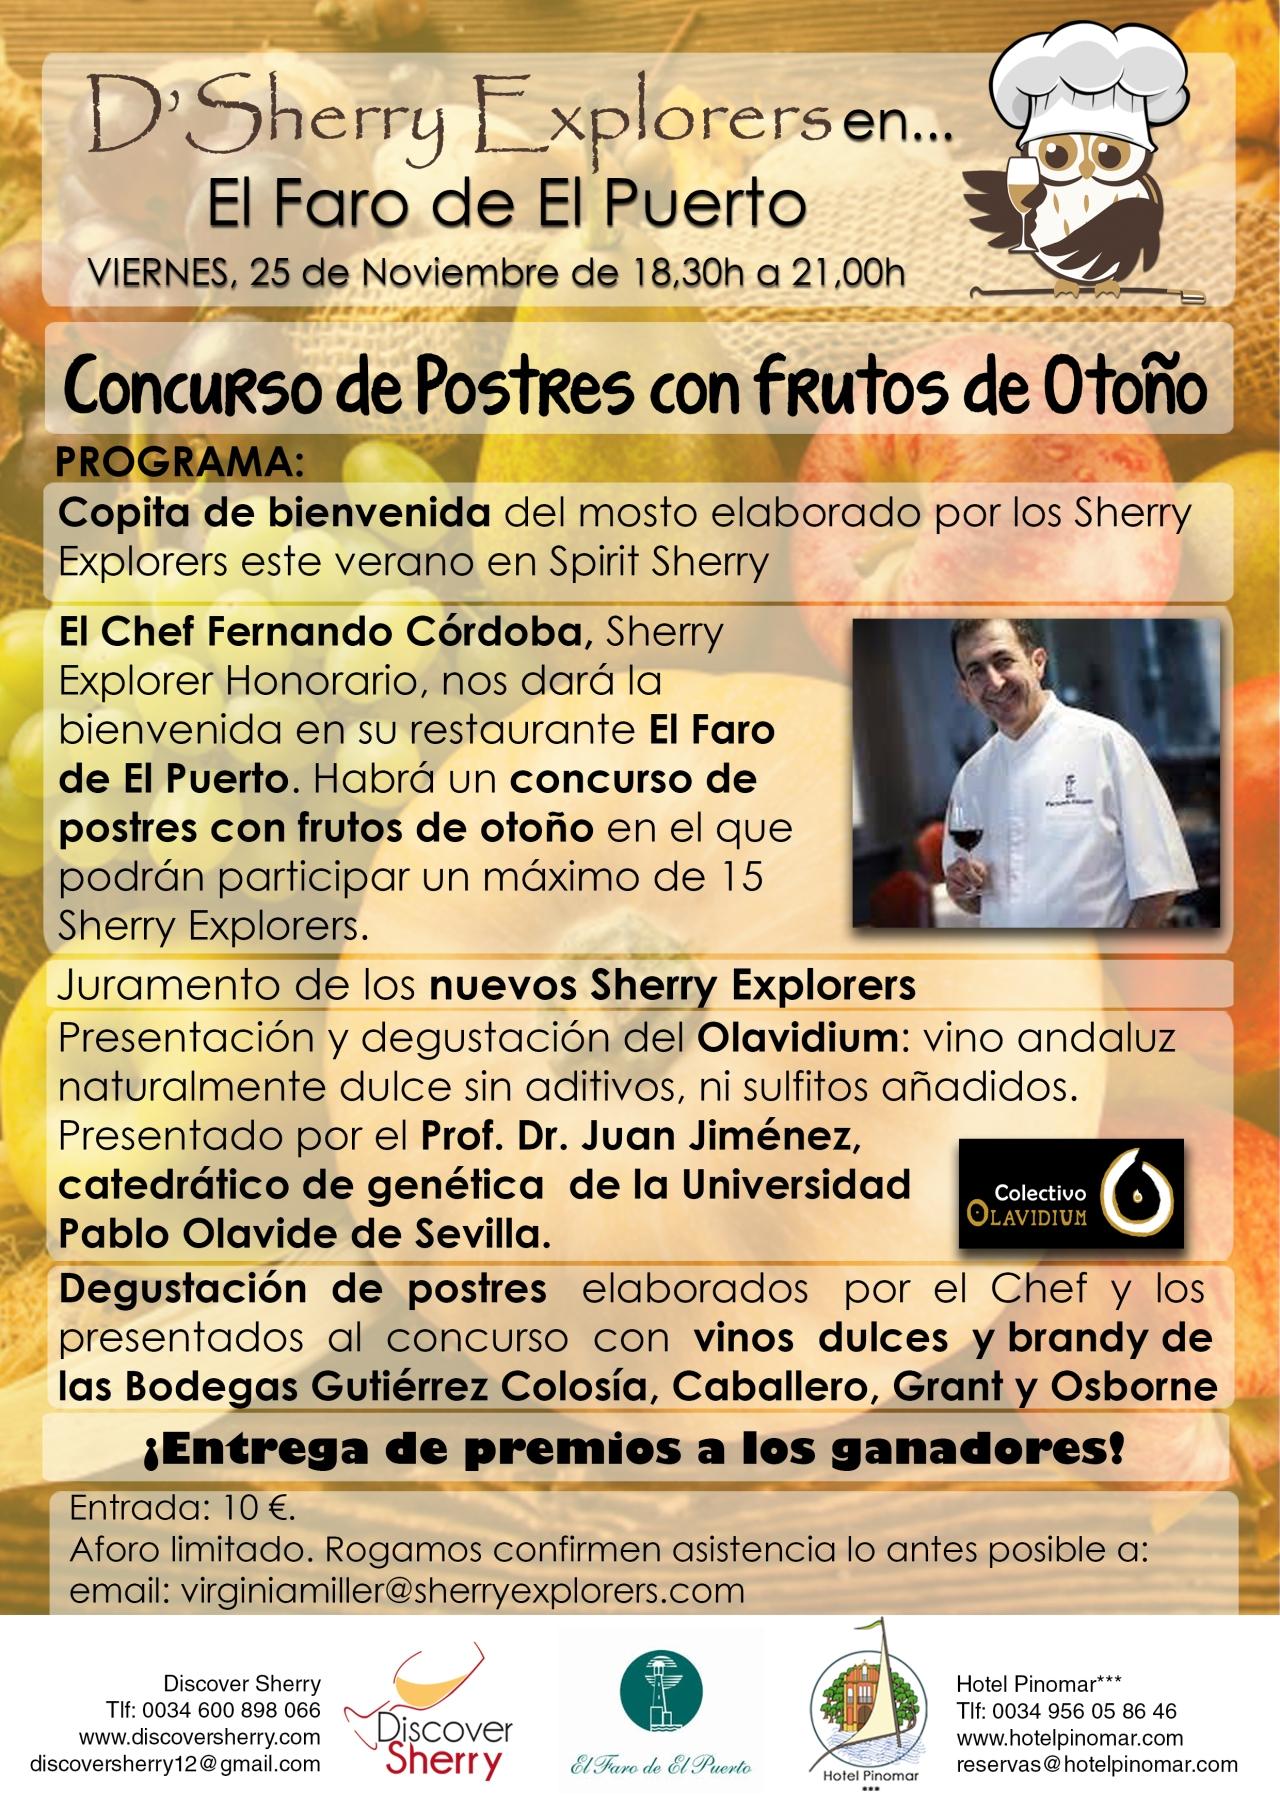 Próxima reunión de los Sherry Explorers en El Faro de El Puerto / Next Sherry Explorers´meeting at El Faro de El PuertoRestaurant